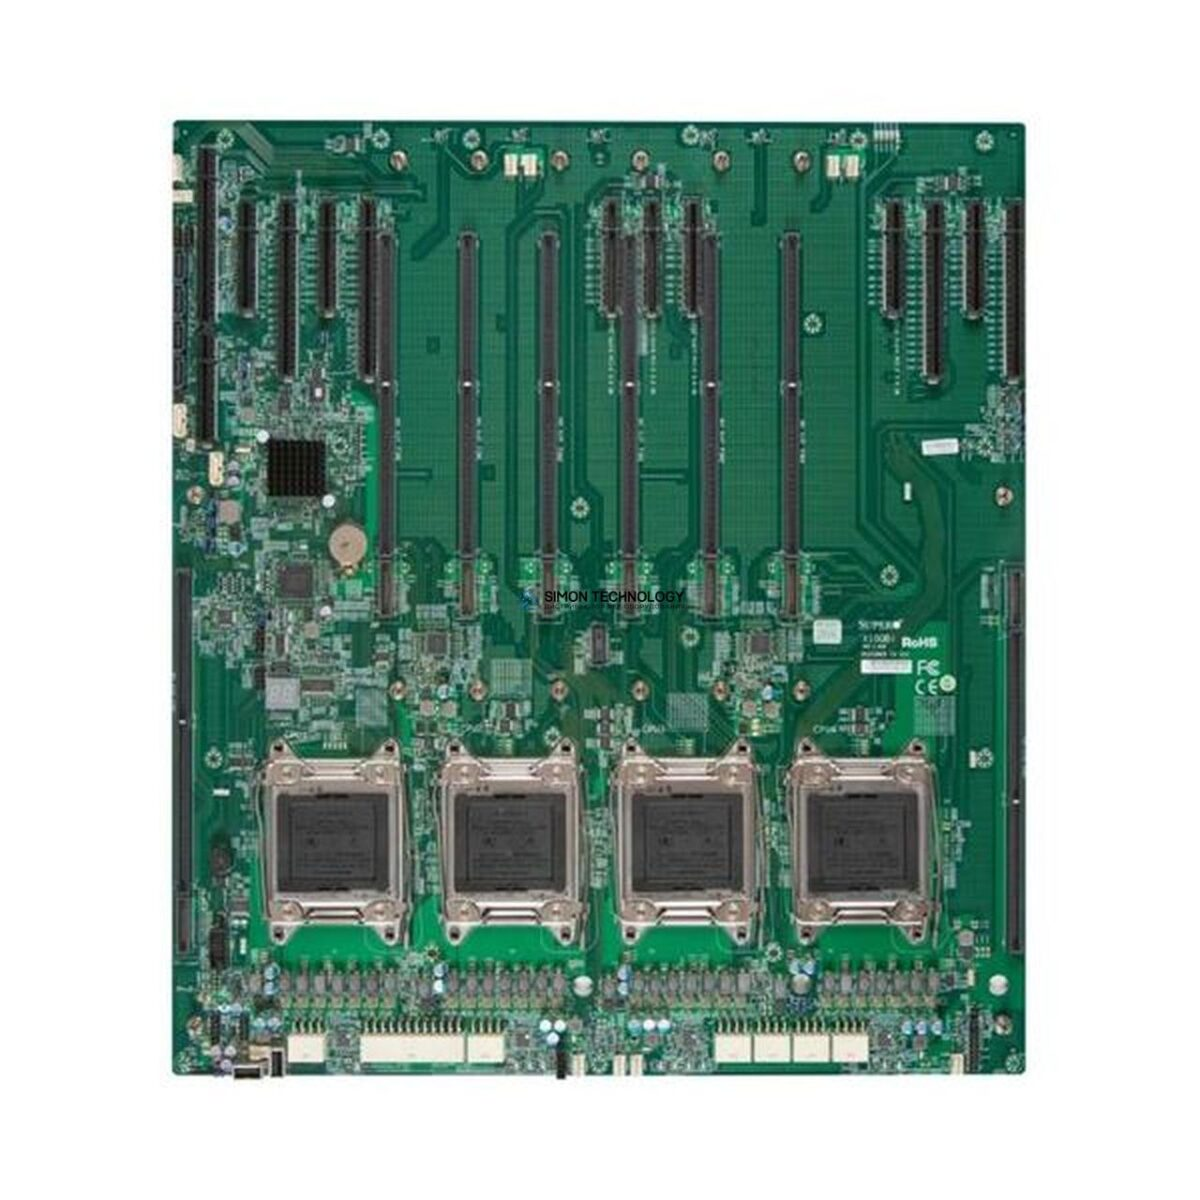 Supermicro Super Server Mainboard Rev.: 1.01a CSE-848X (MBD-X10QBi)